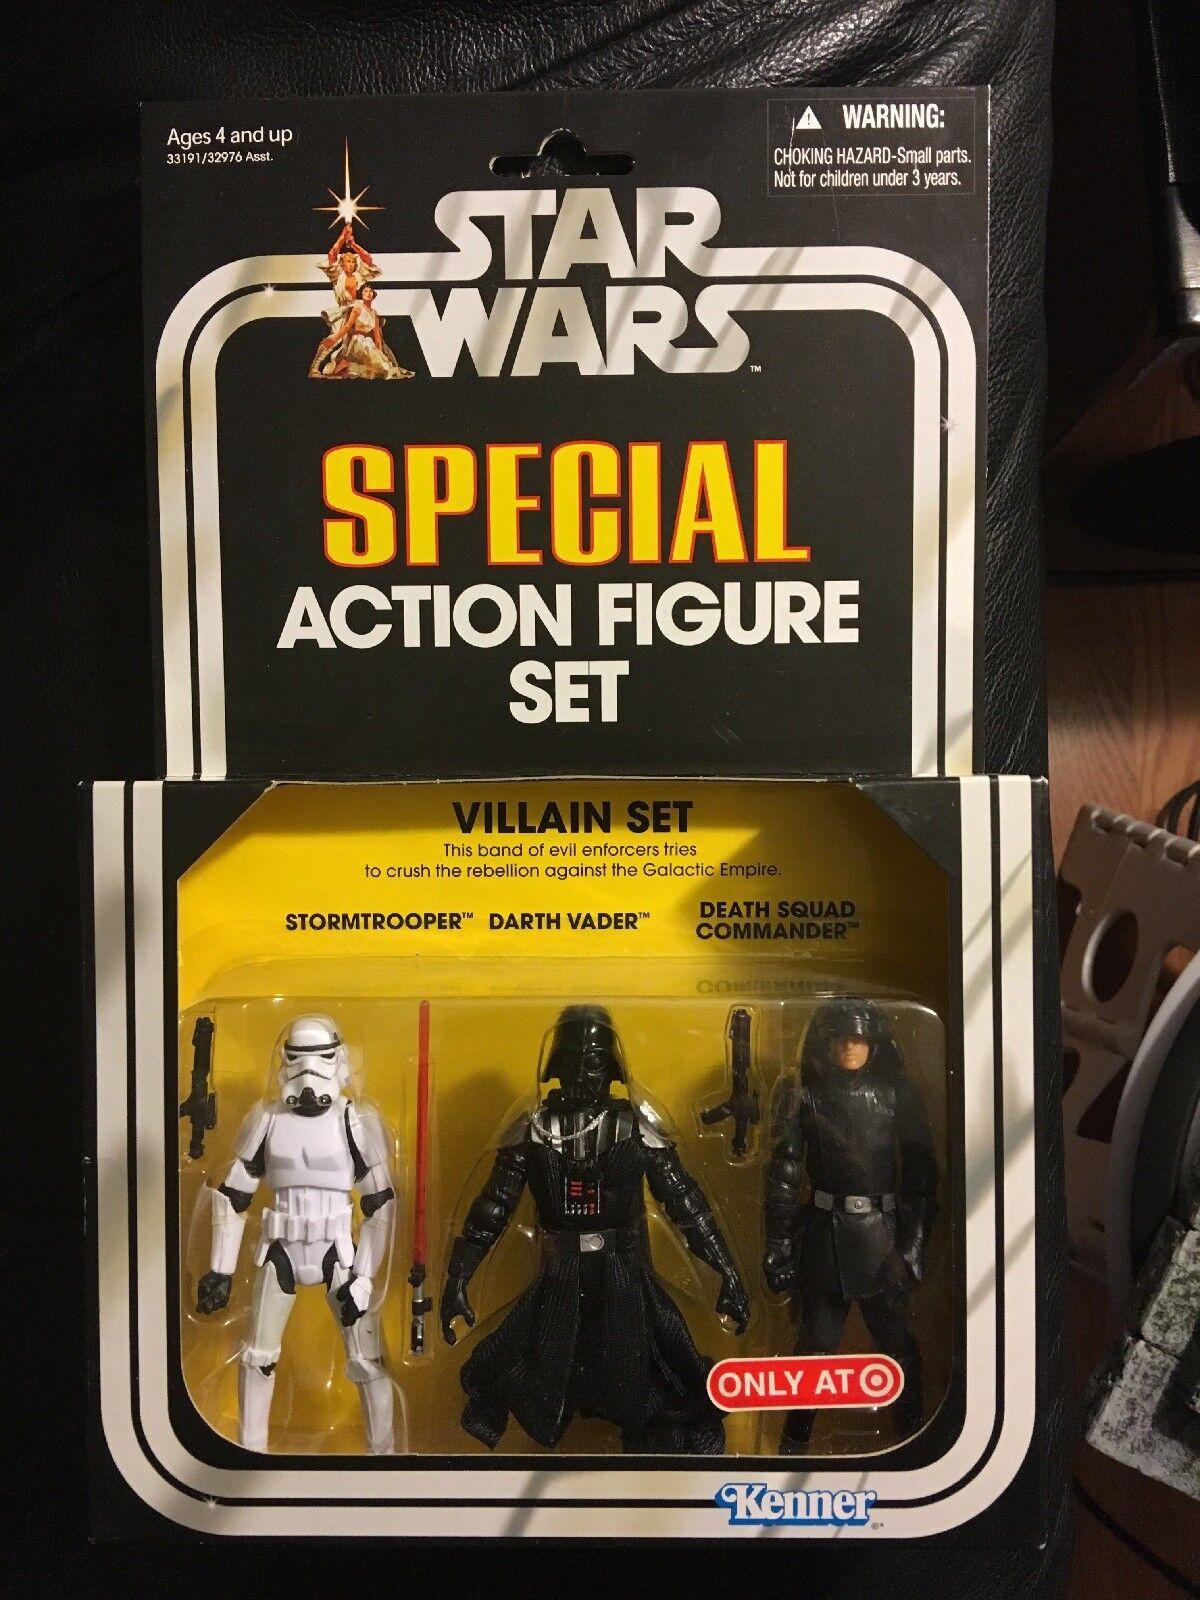 Star - wars - special action - figur bösewicht festgelegte ziel von kenner exklusiv